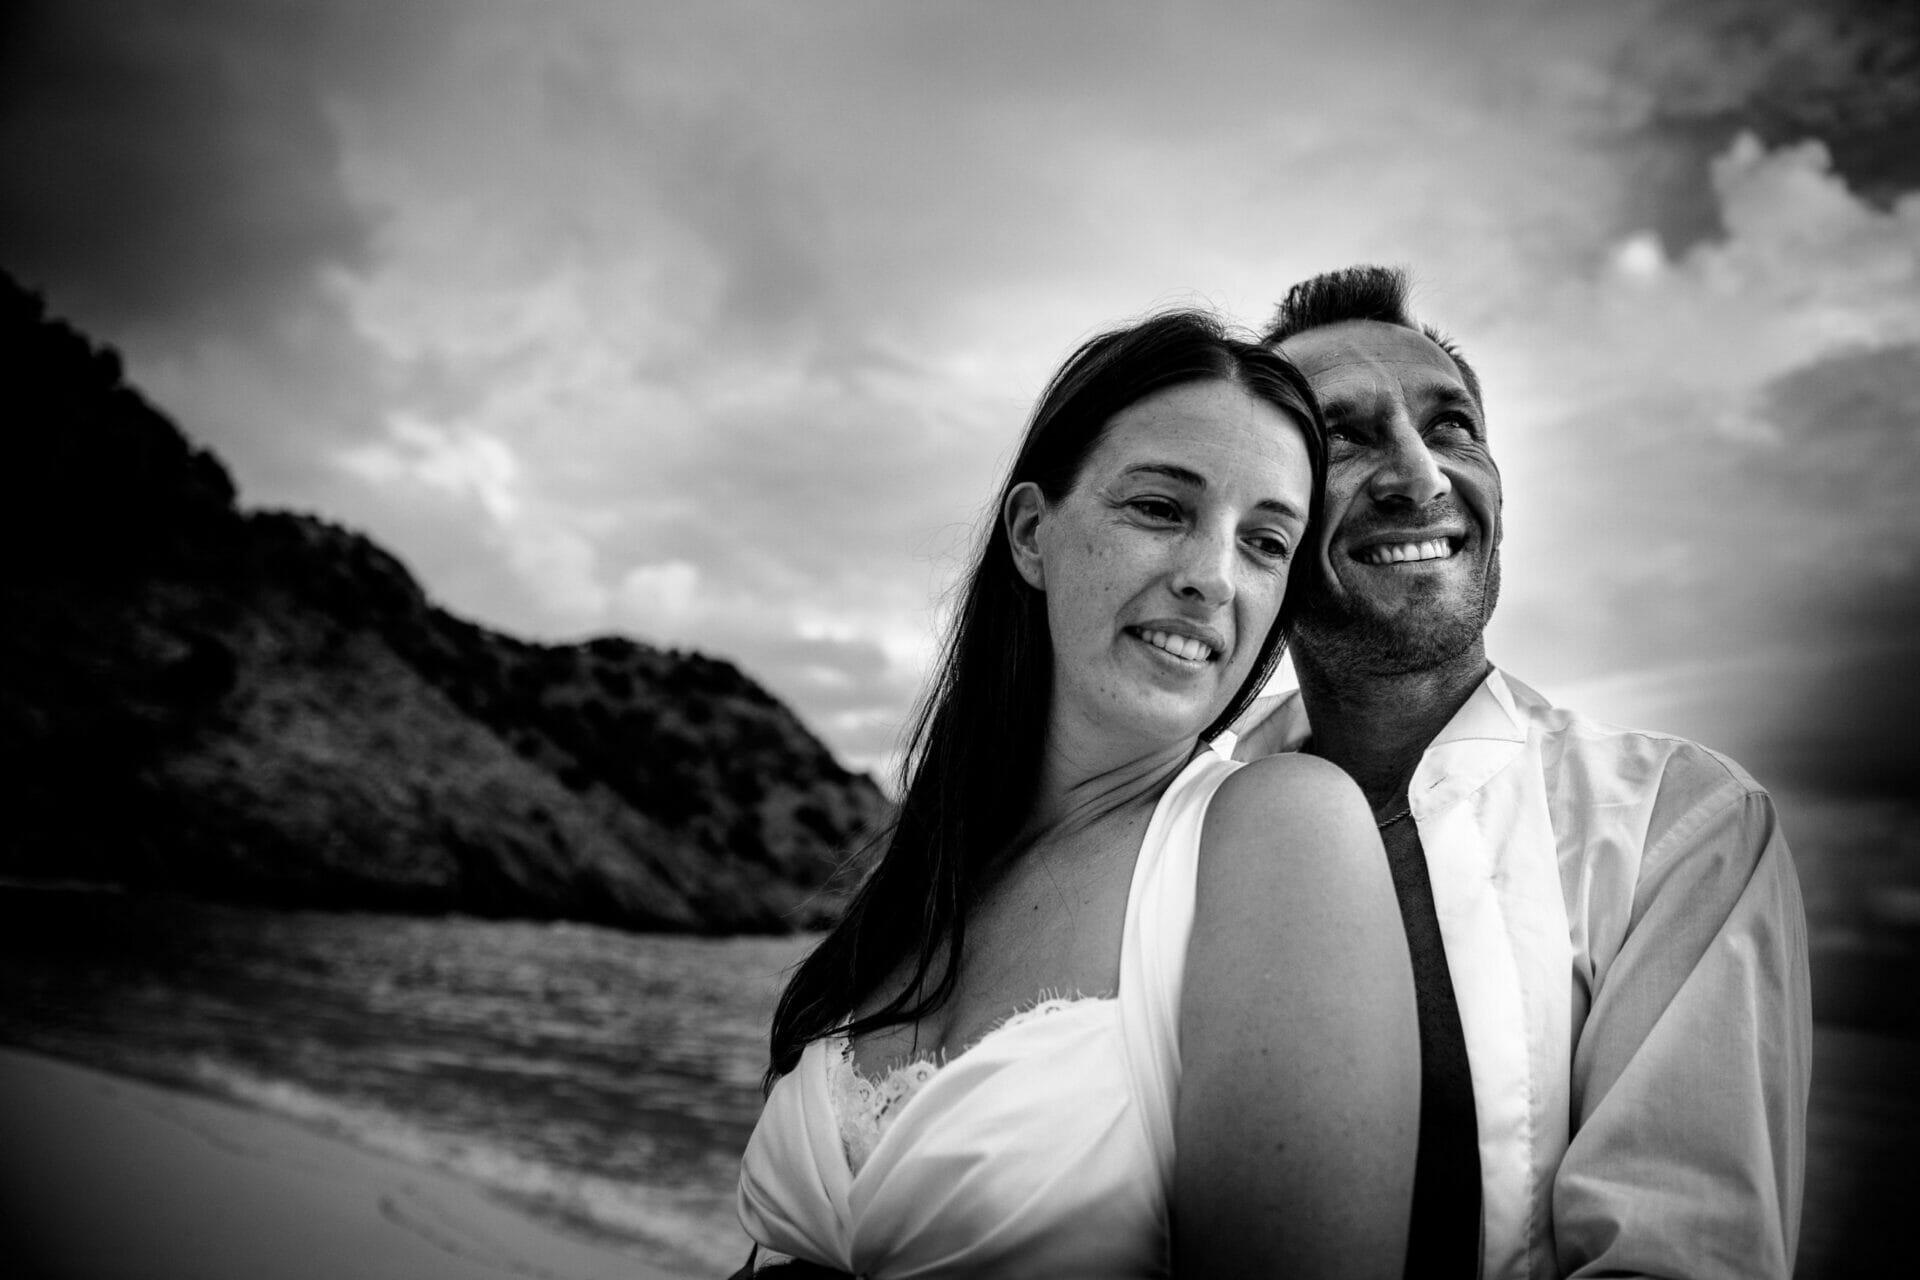 Séance photo mariage day after photo en tenue de marié après le mariage